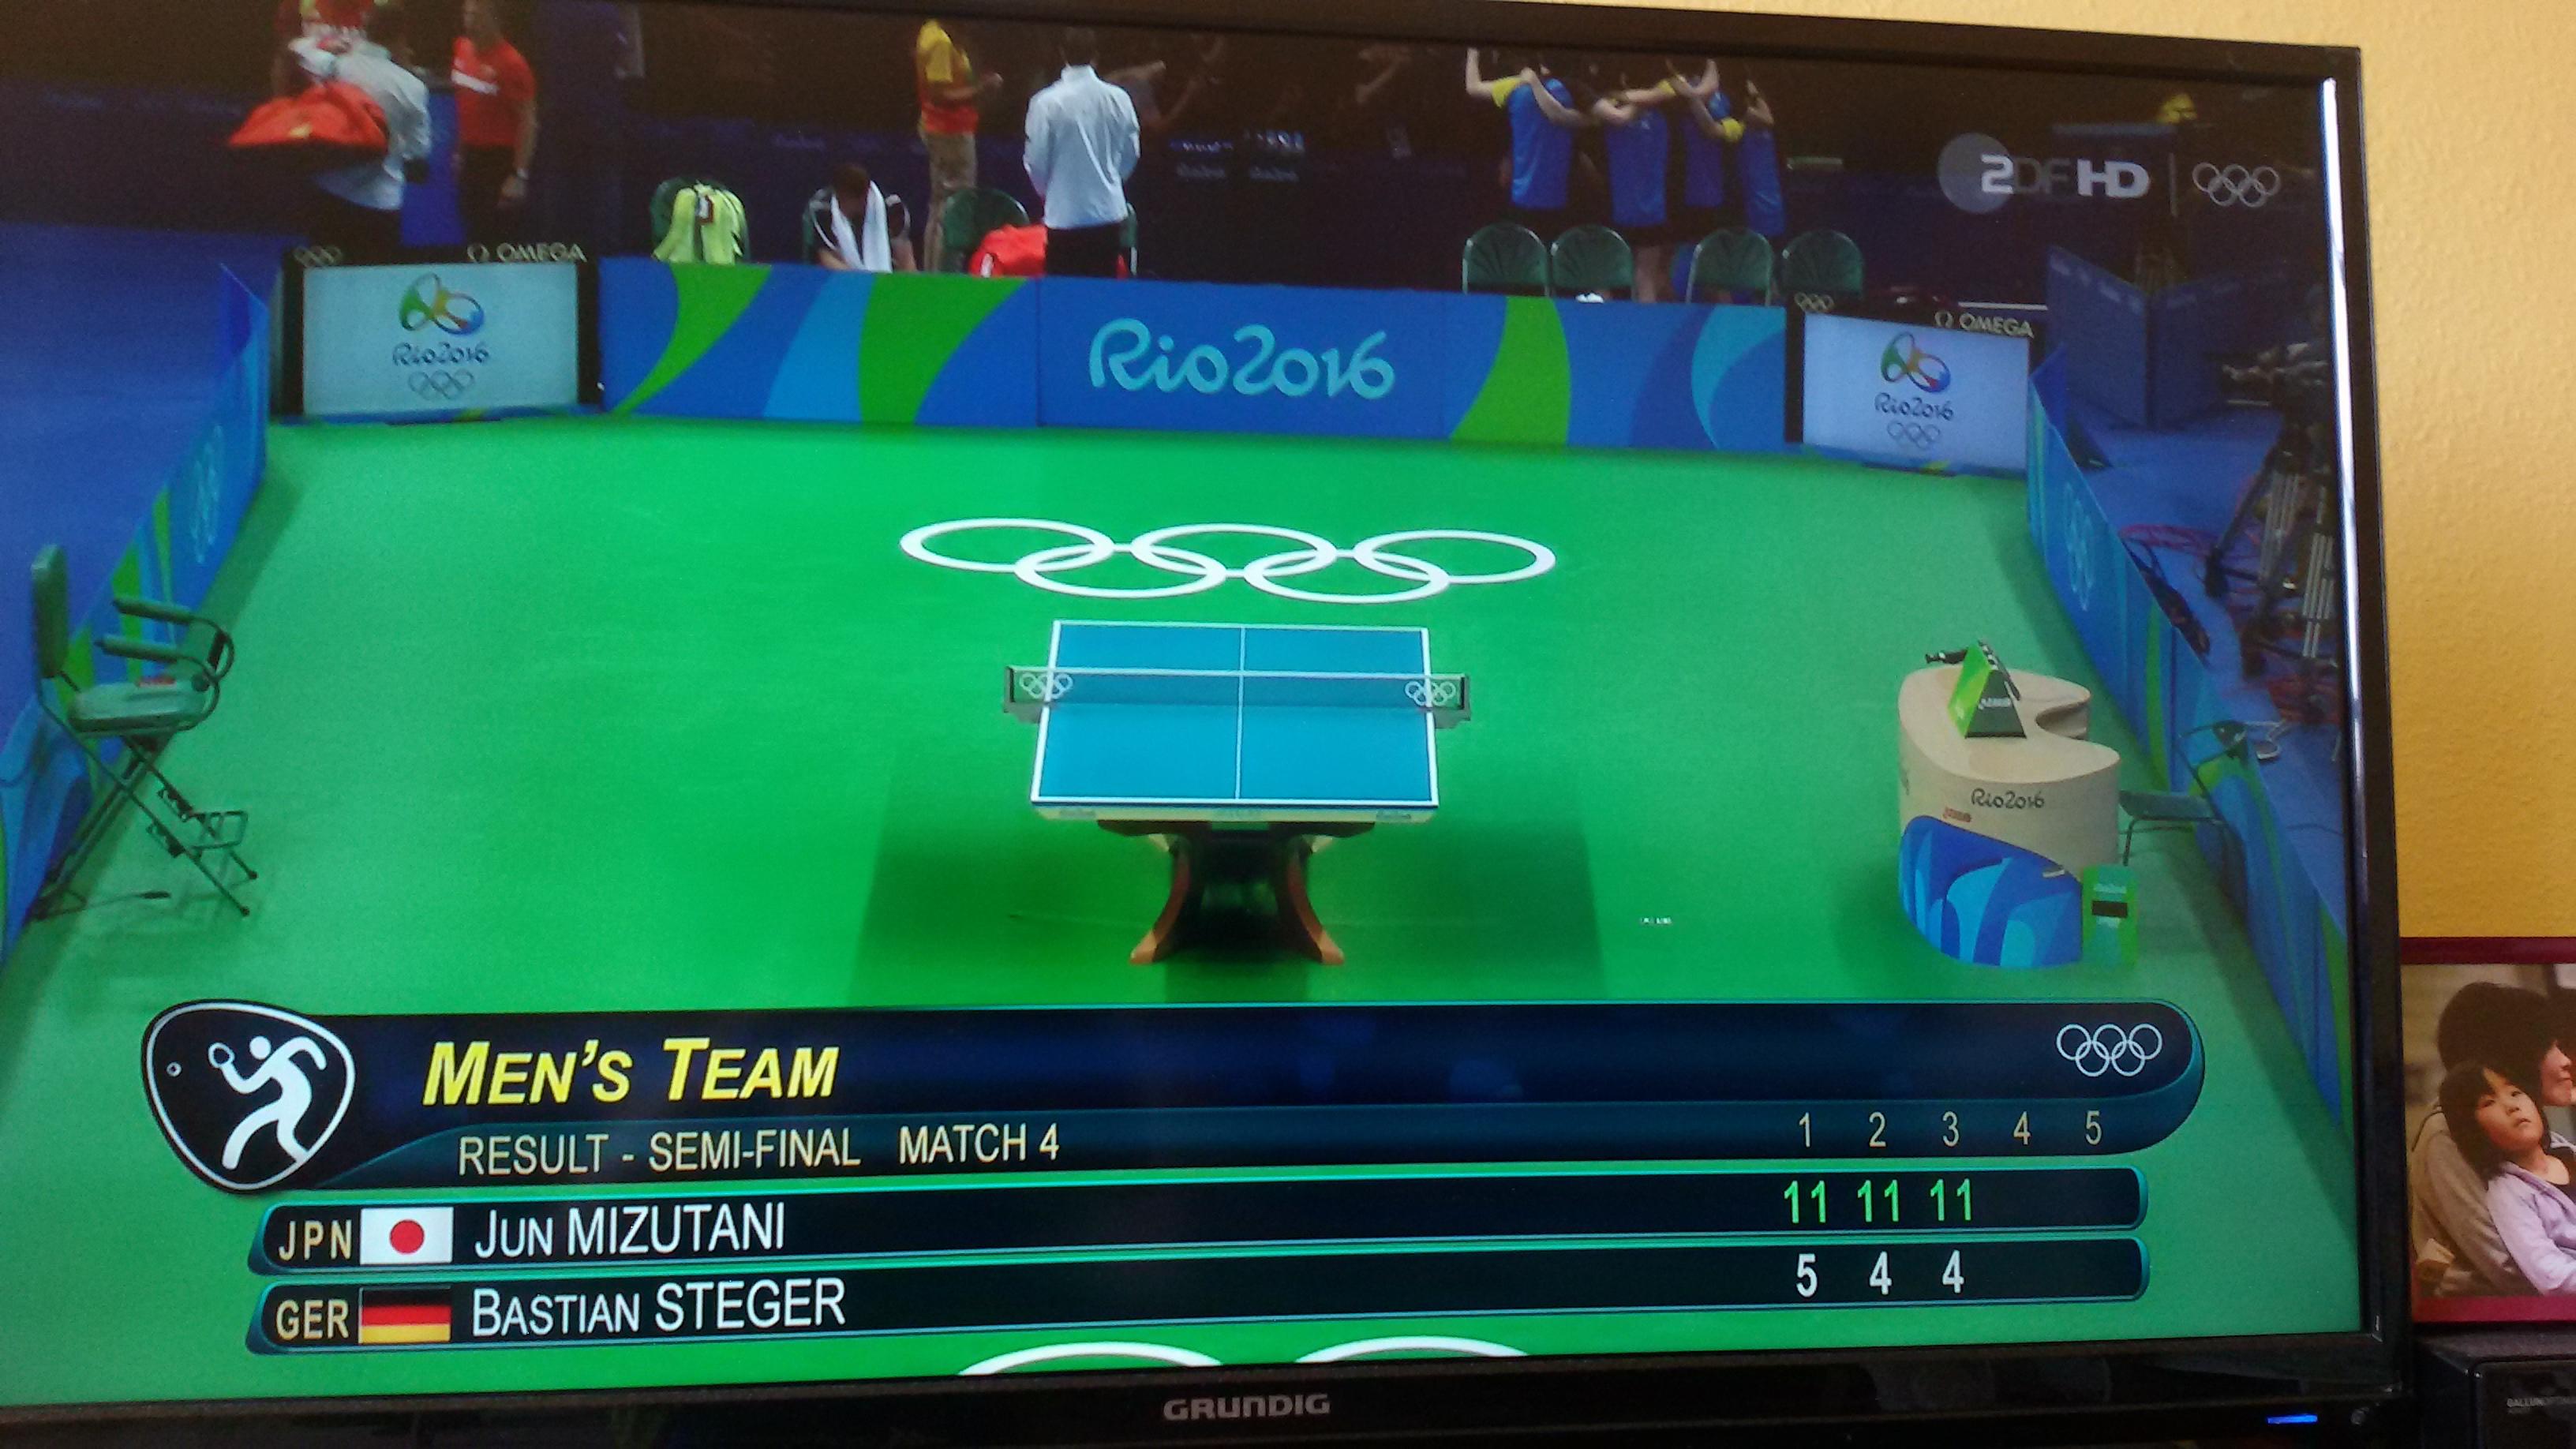 頑張れ!隼!真晴!孝希! リオ・オリンピック男子団体決勝!